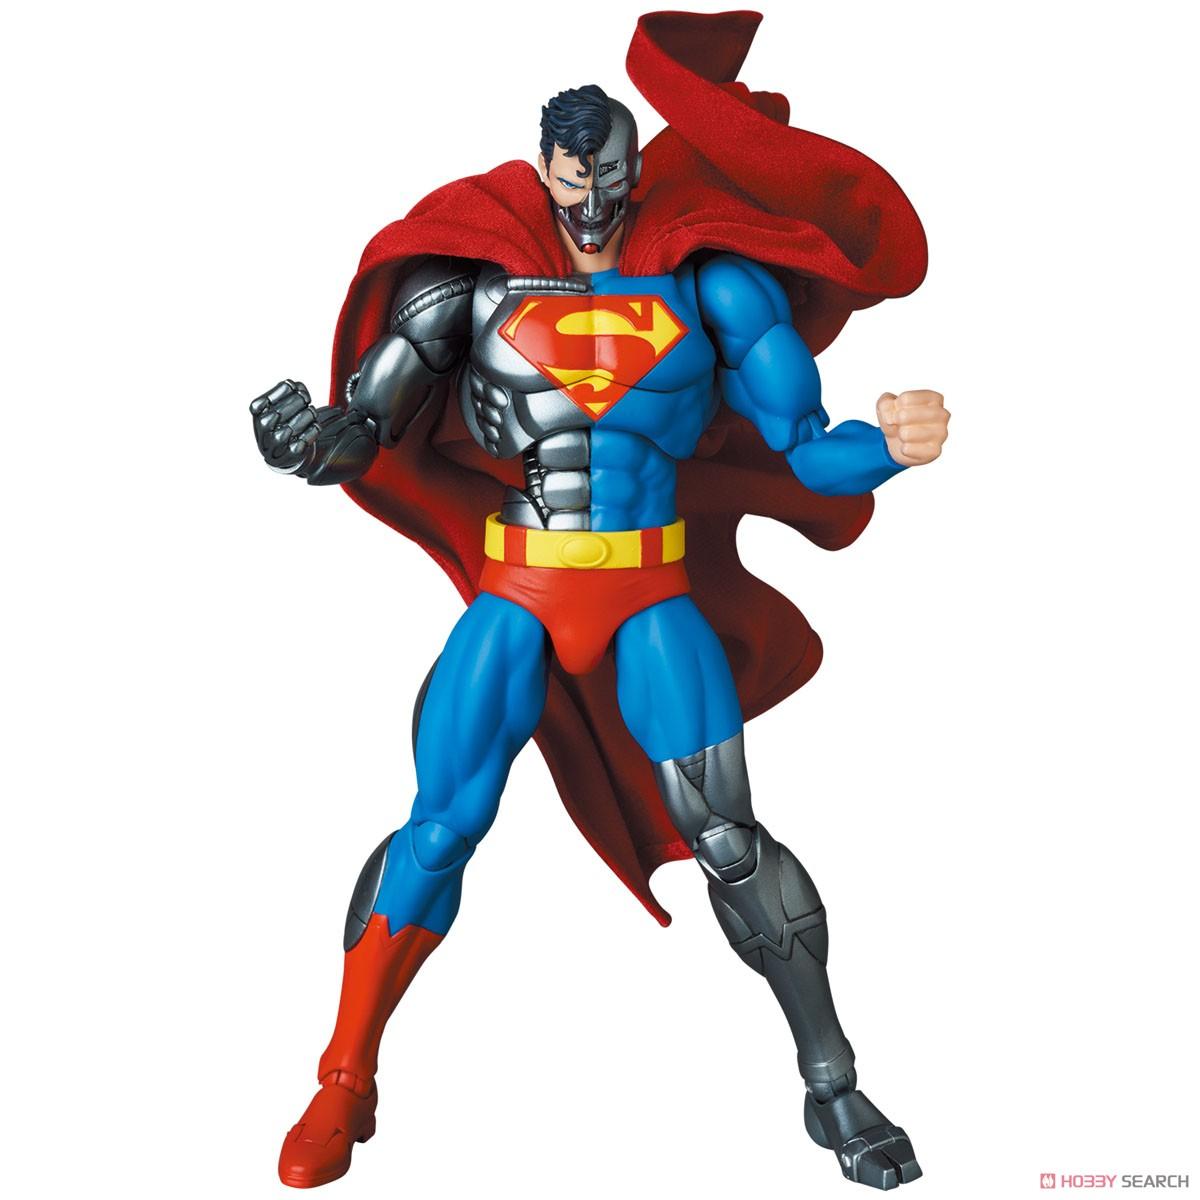 マフェックス No.164 MAFEX『サイボーグ スーパーマン/CYBORG SUPERMAN(RETURN OF SUPERMAN)』リターン・オブ・スーパーマン 可動フィギュア-001